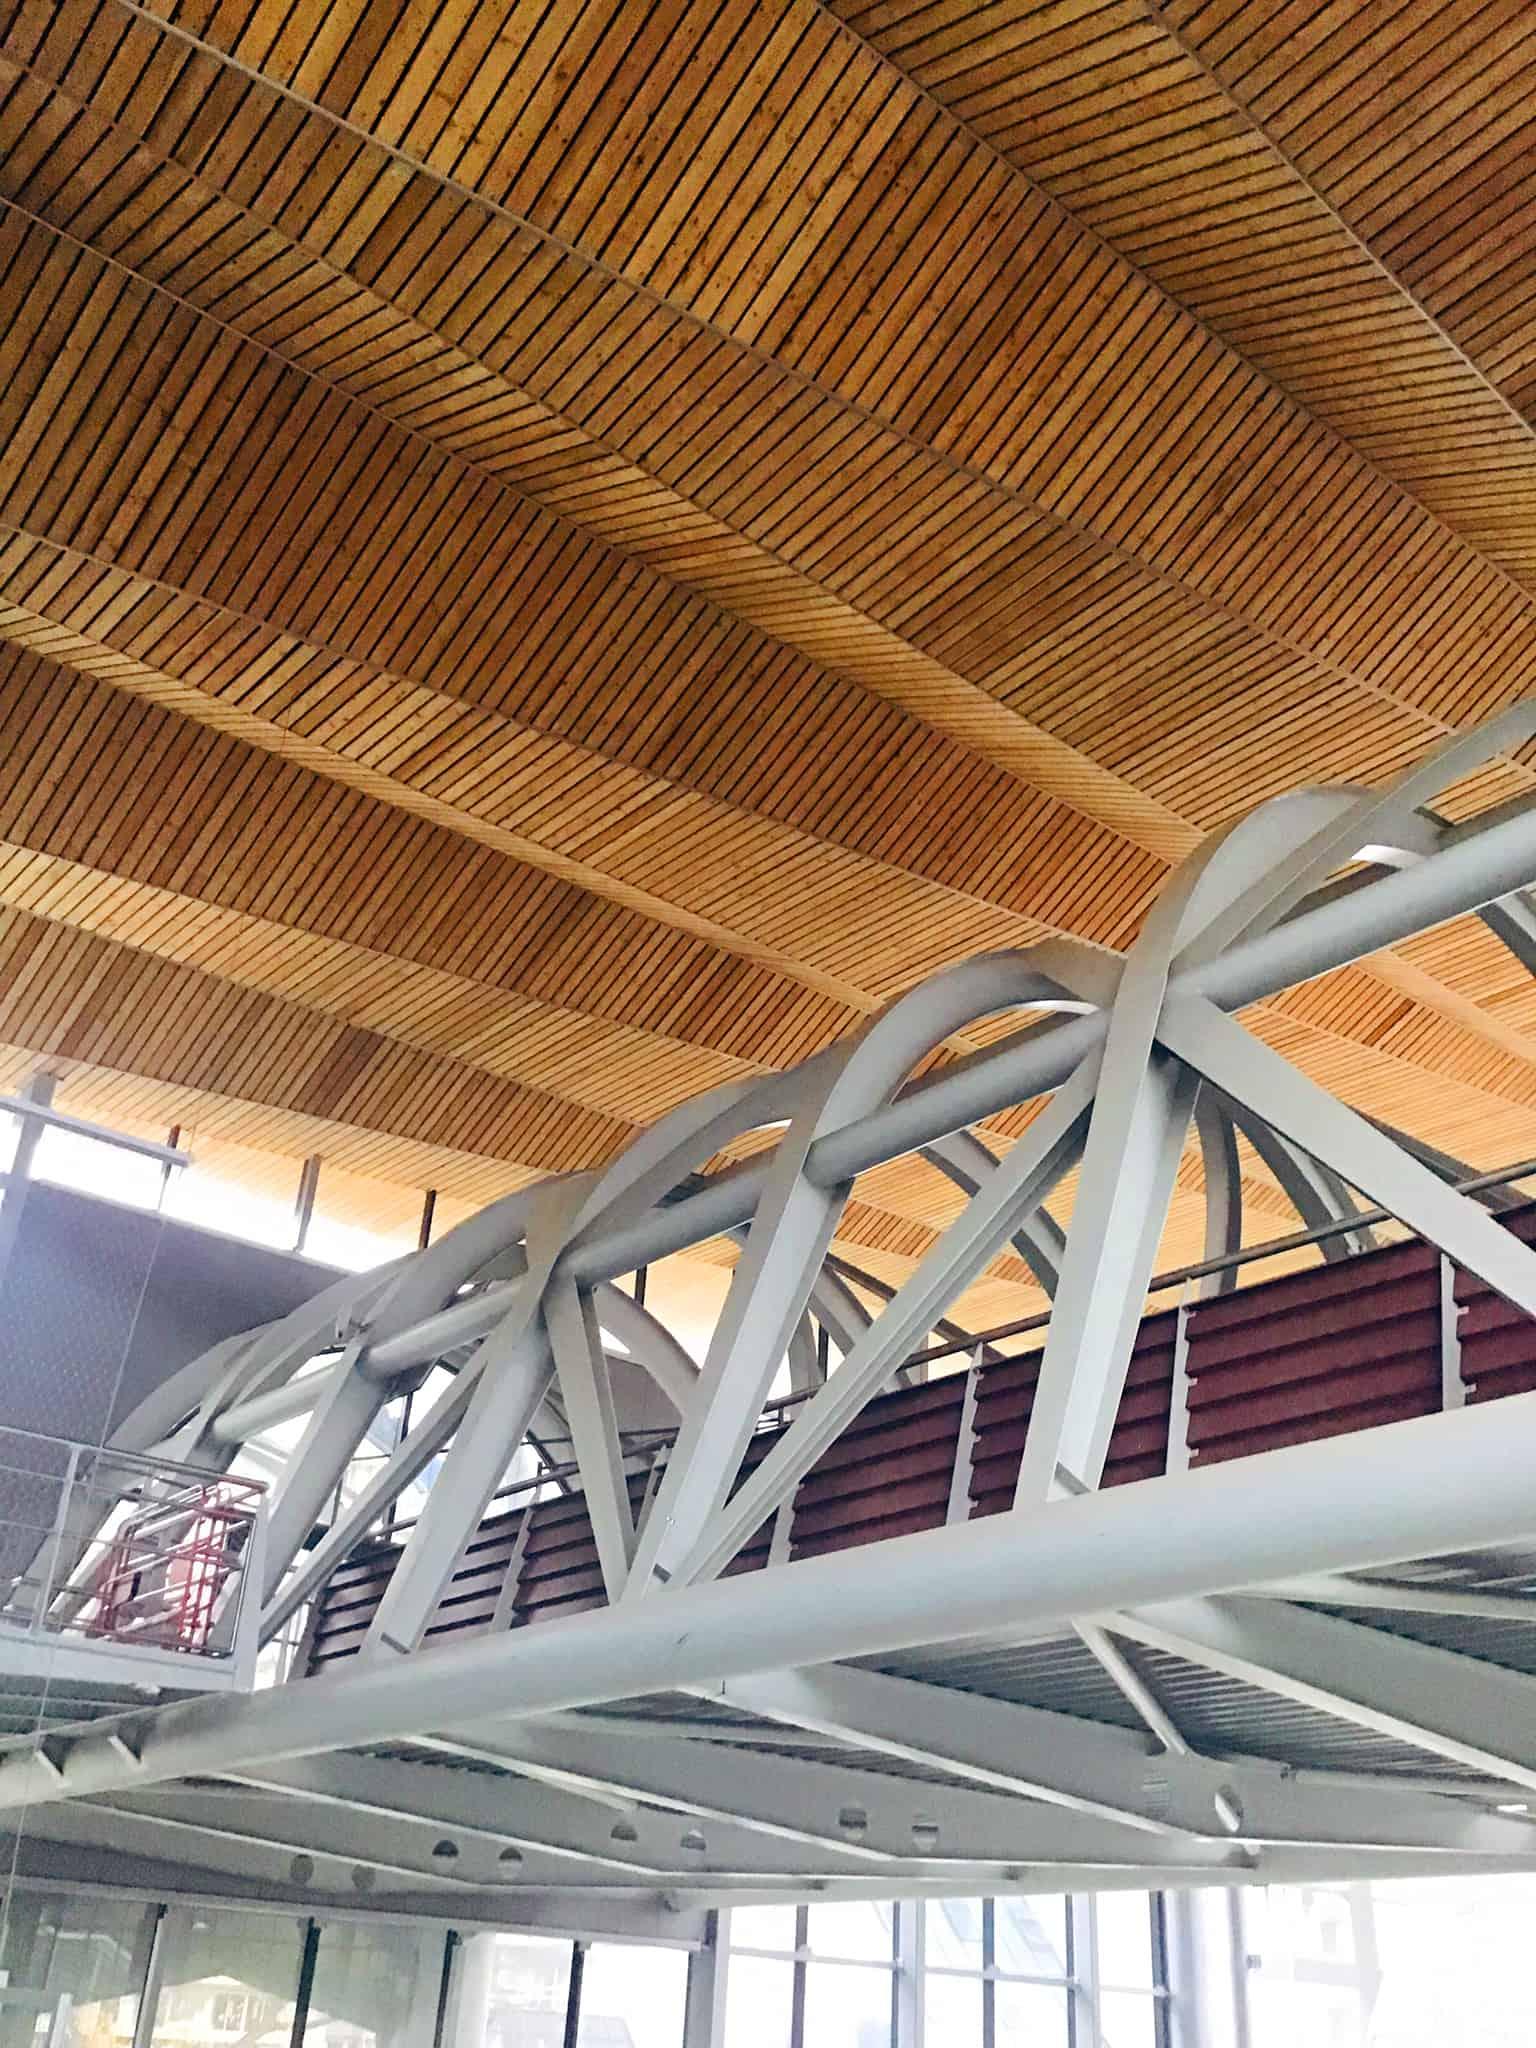 B+M Architecture - Passage dans la halle voyageurs